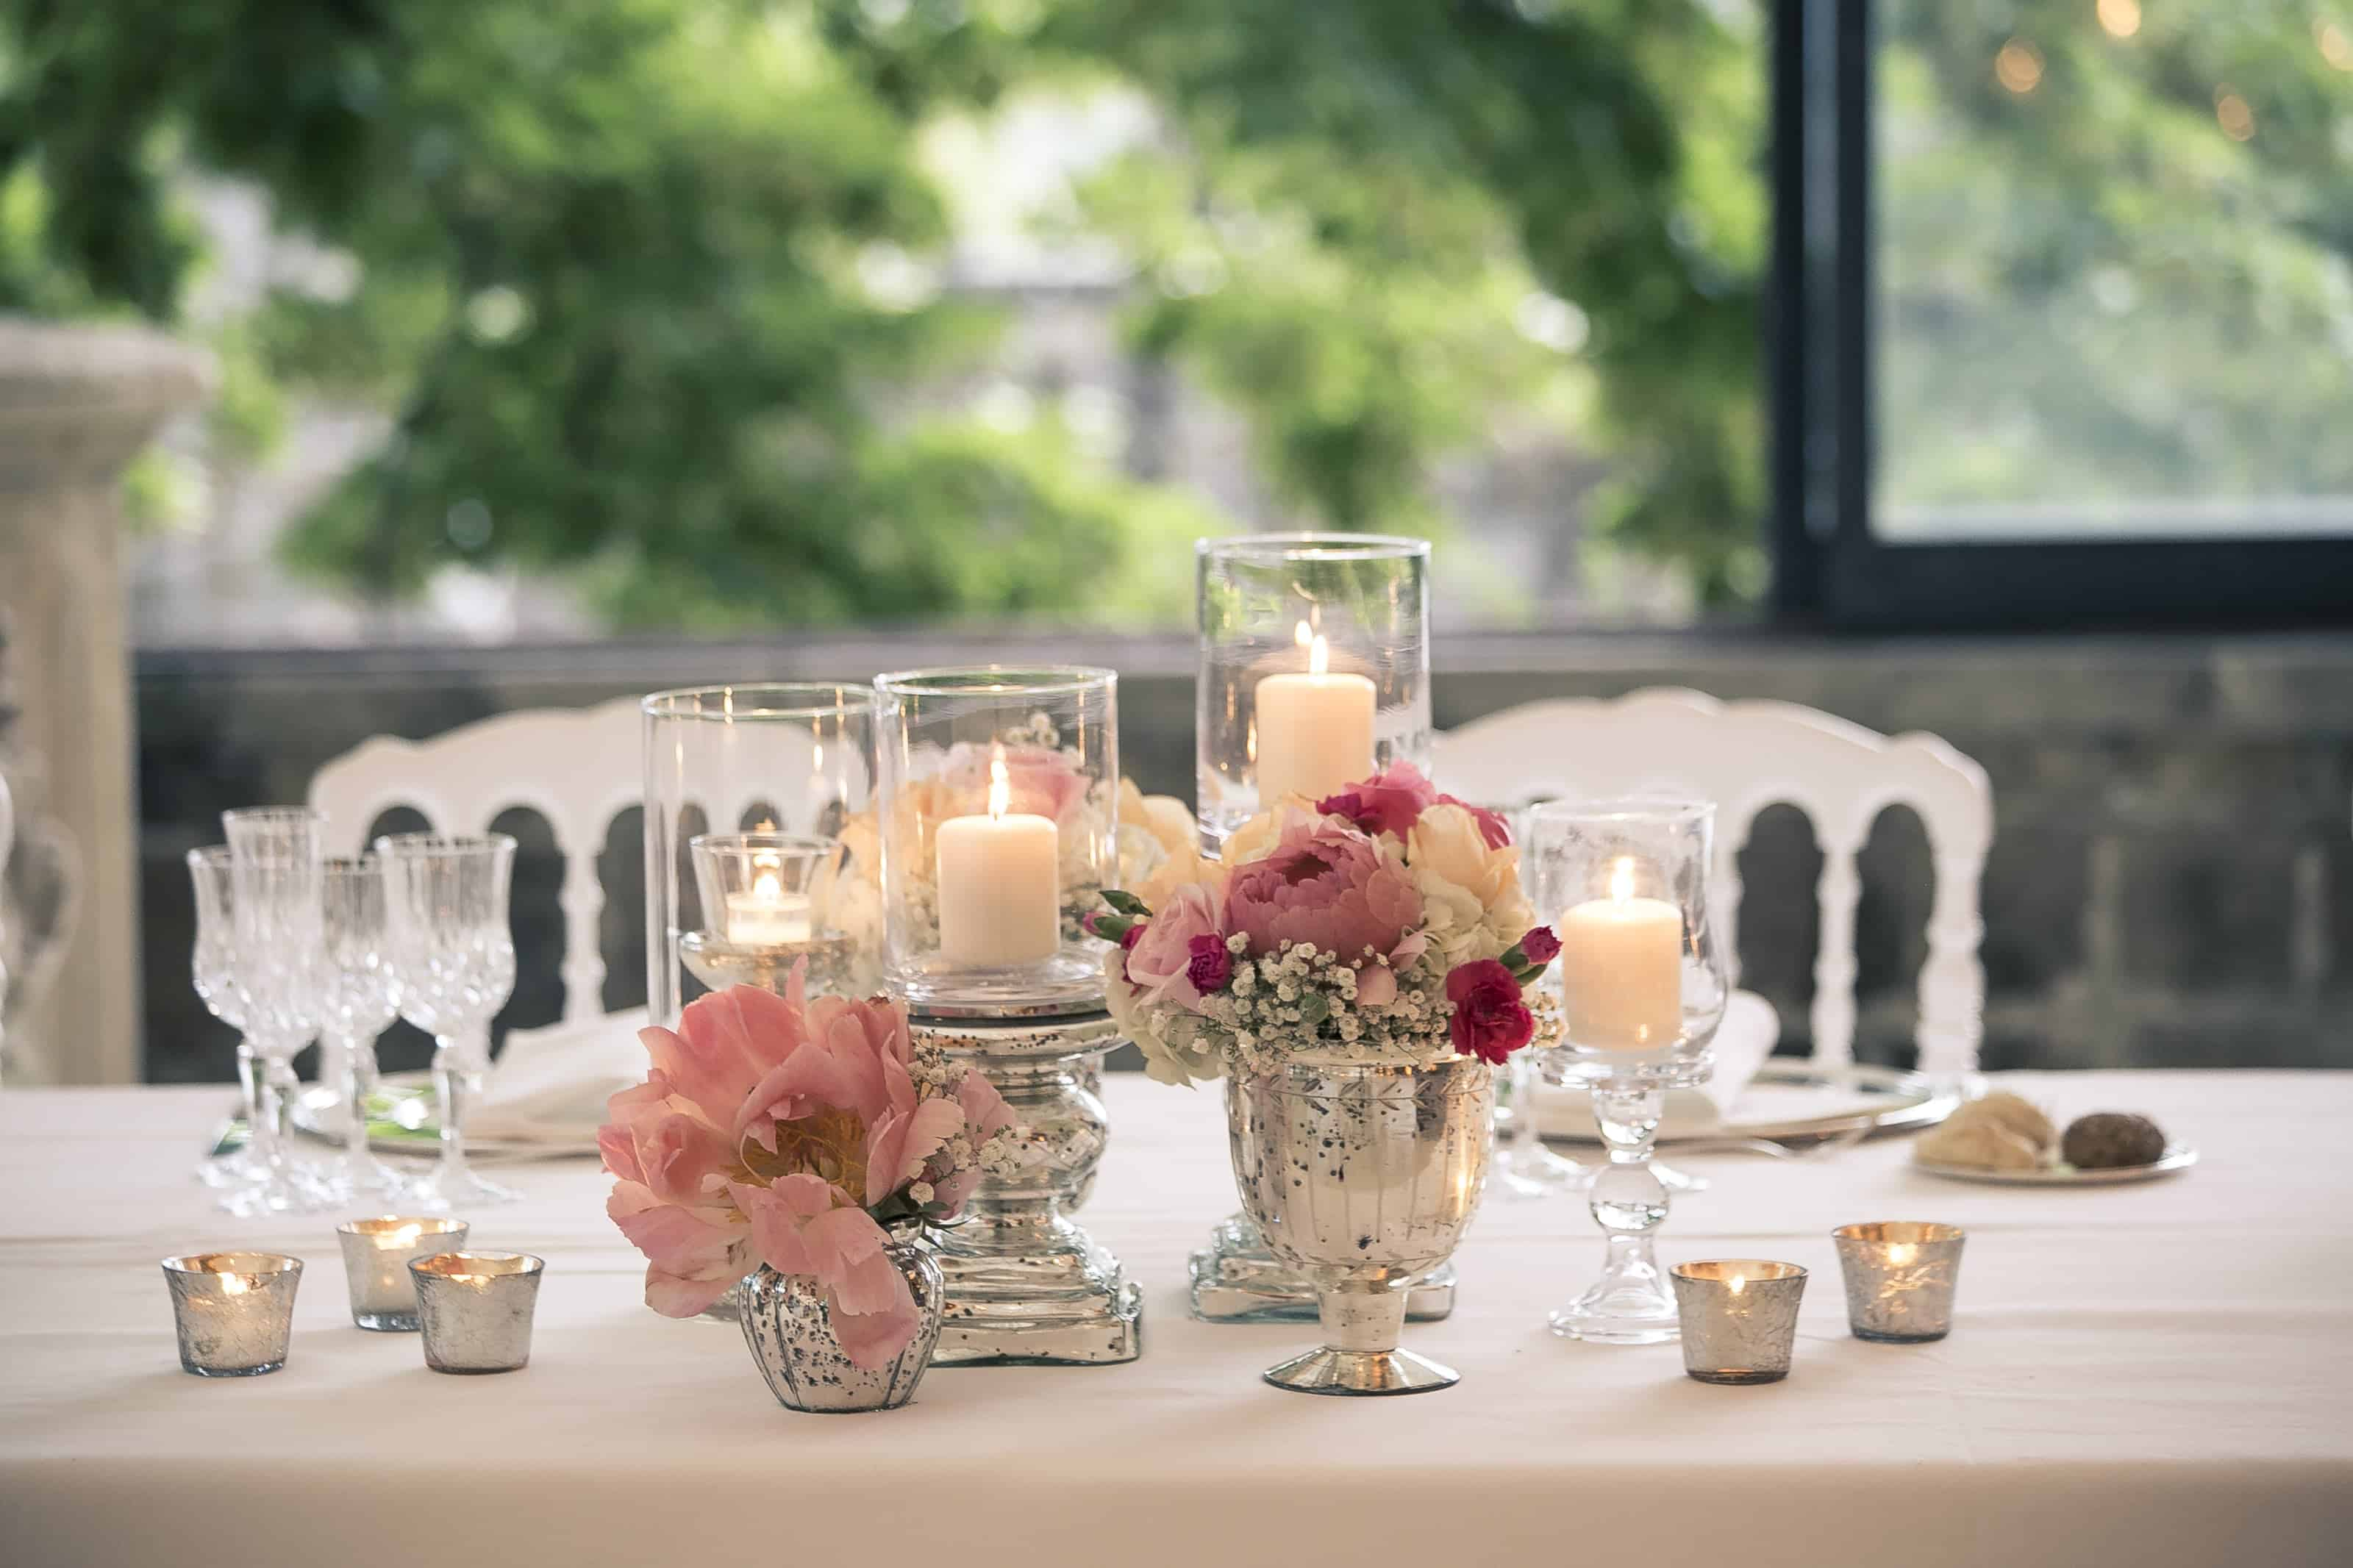 Anniversario Di Matrimonio Toscana.Anniversario Di Matrimonio Idee E Proposte Bianco Bouquet